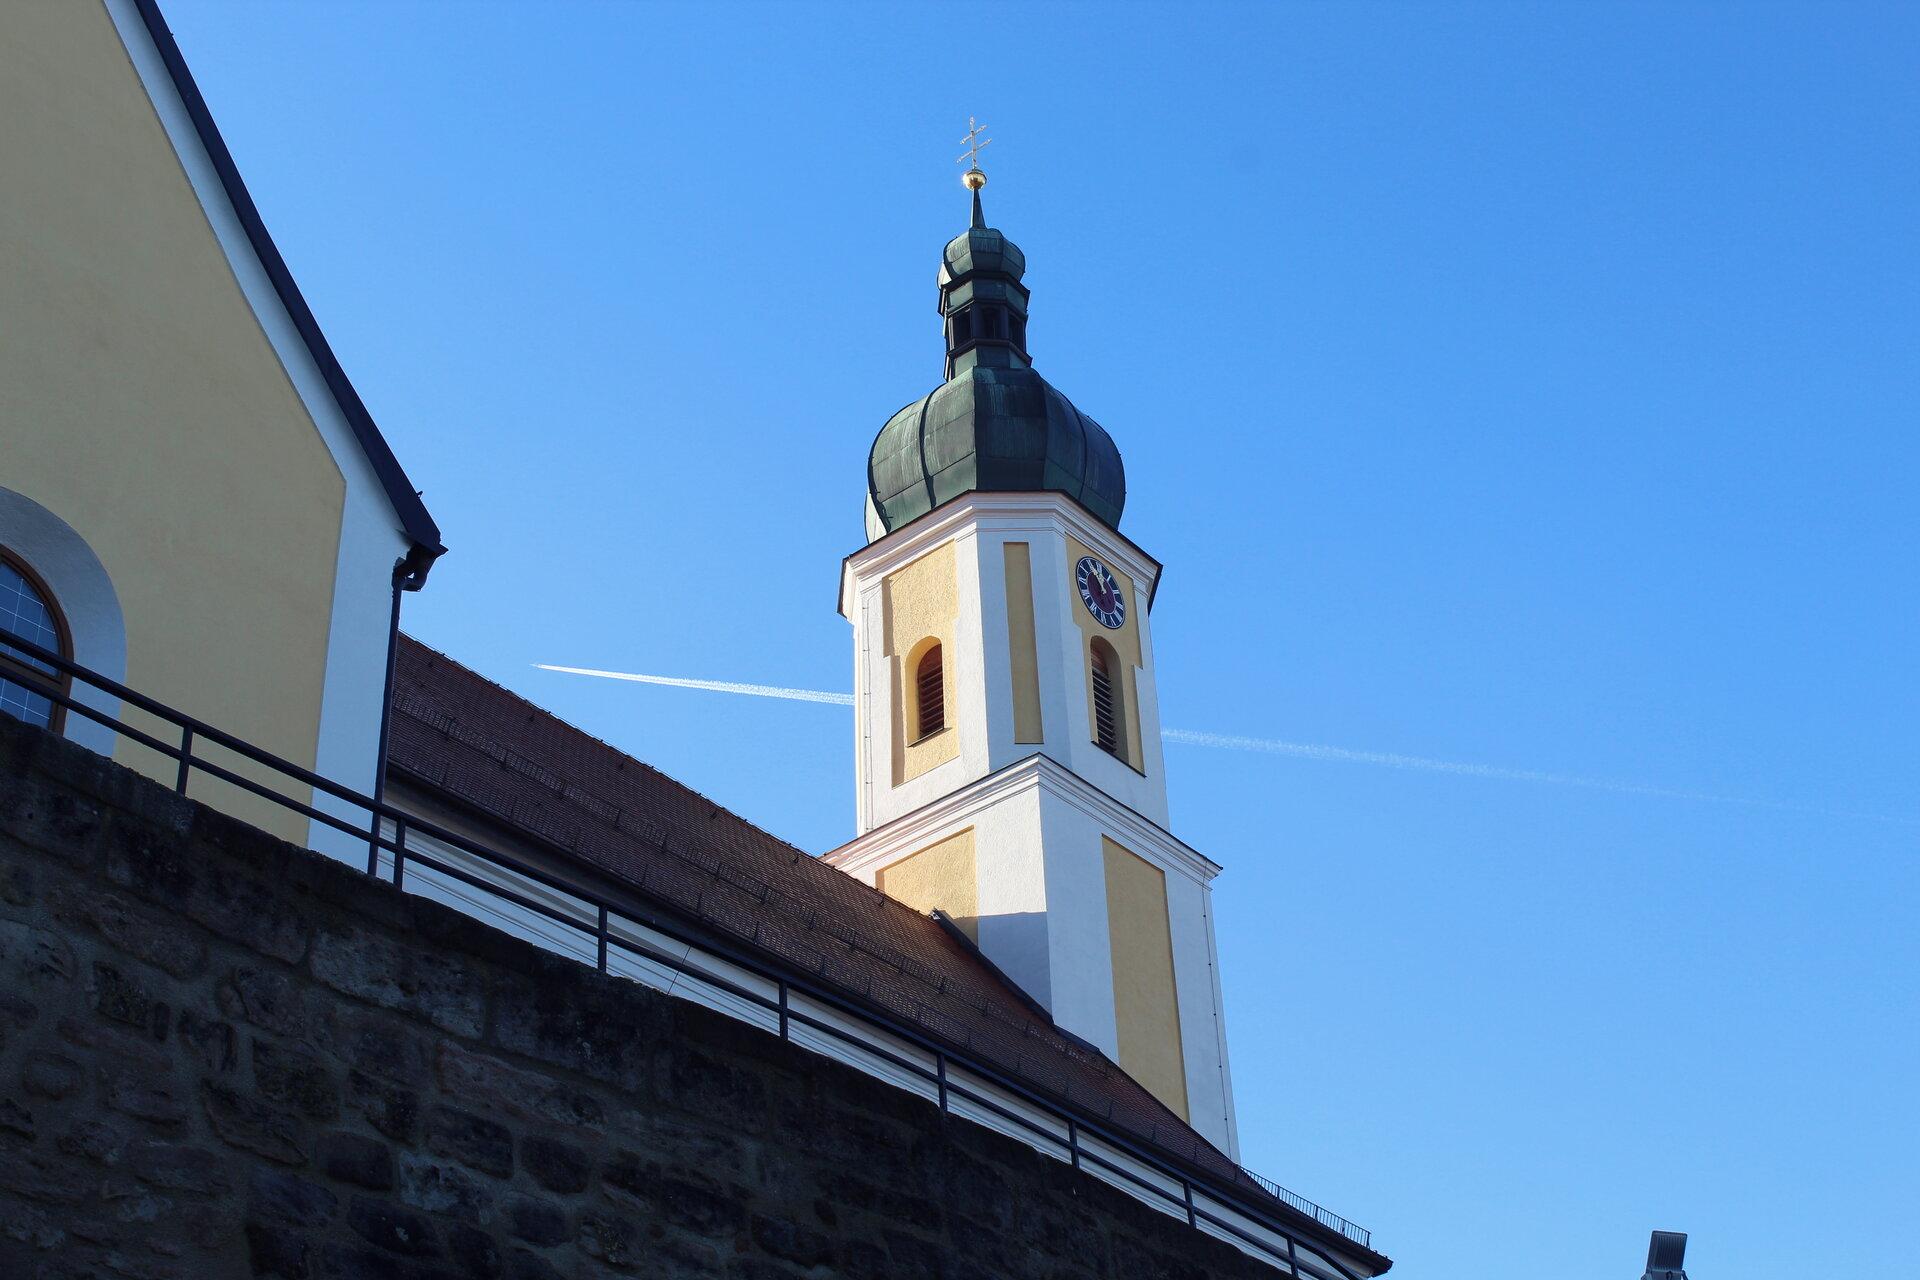 St. Blasius Arberg